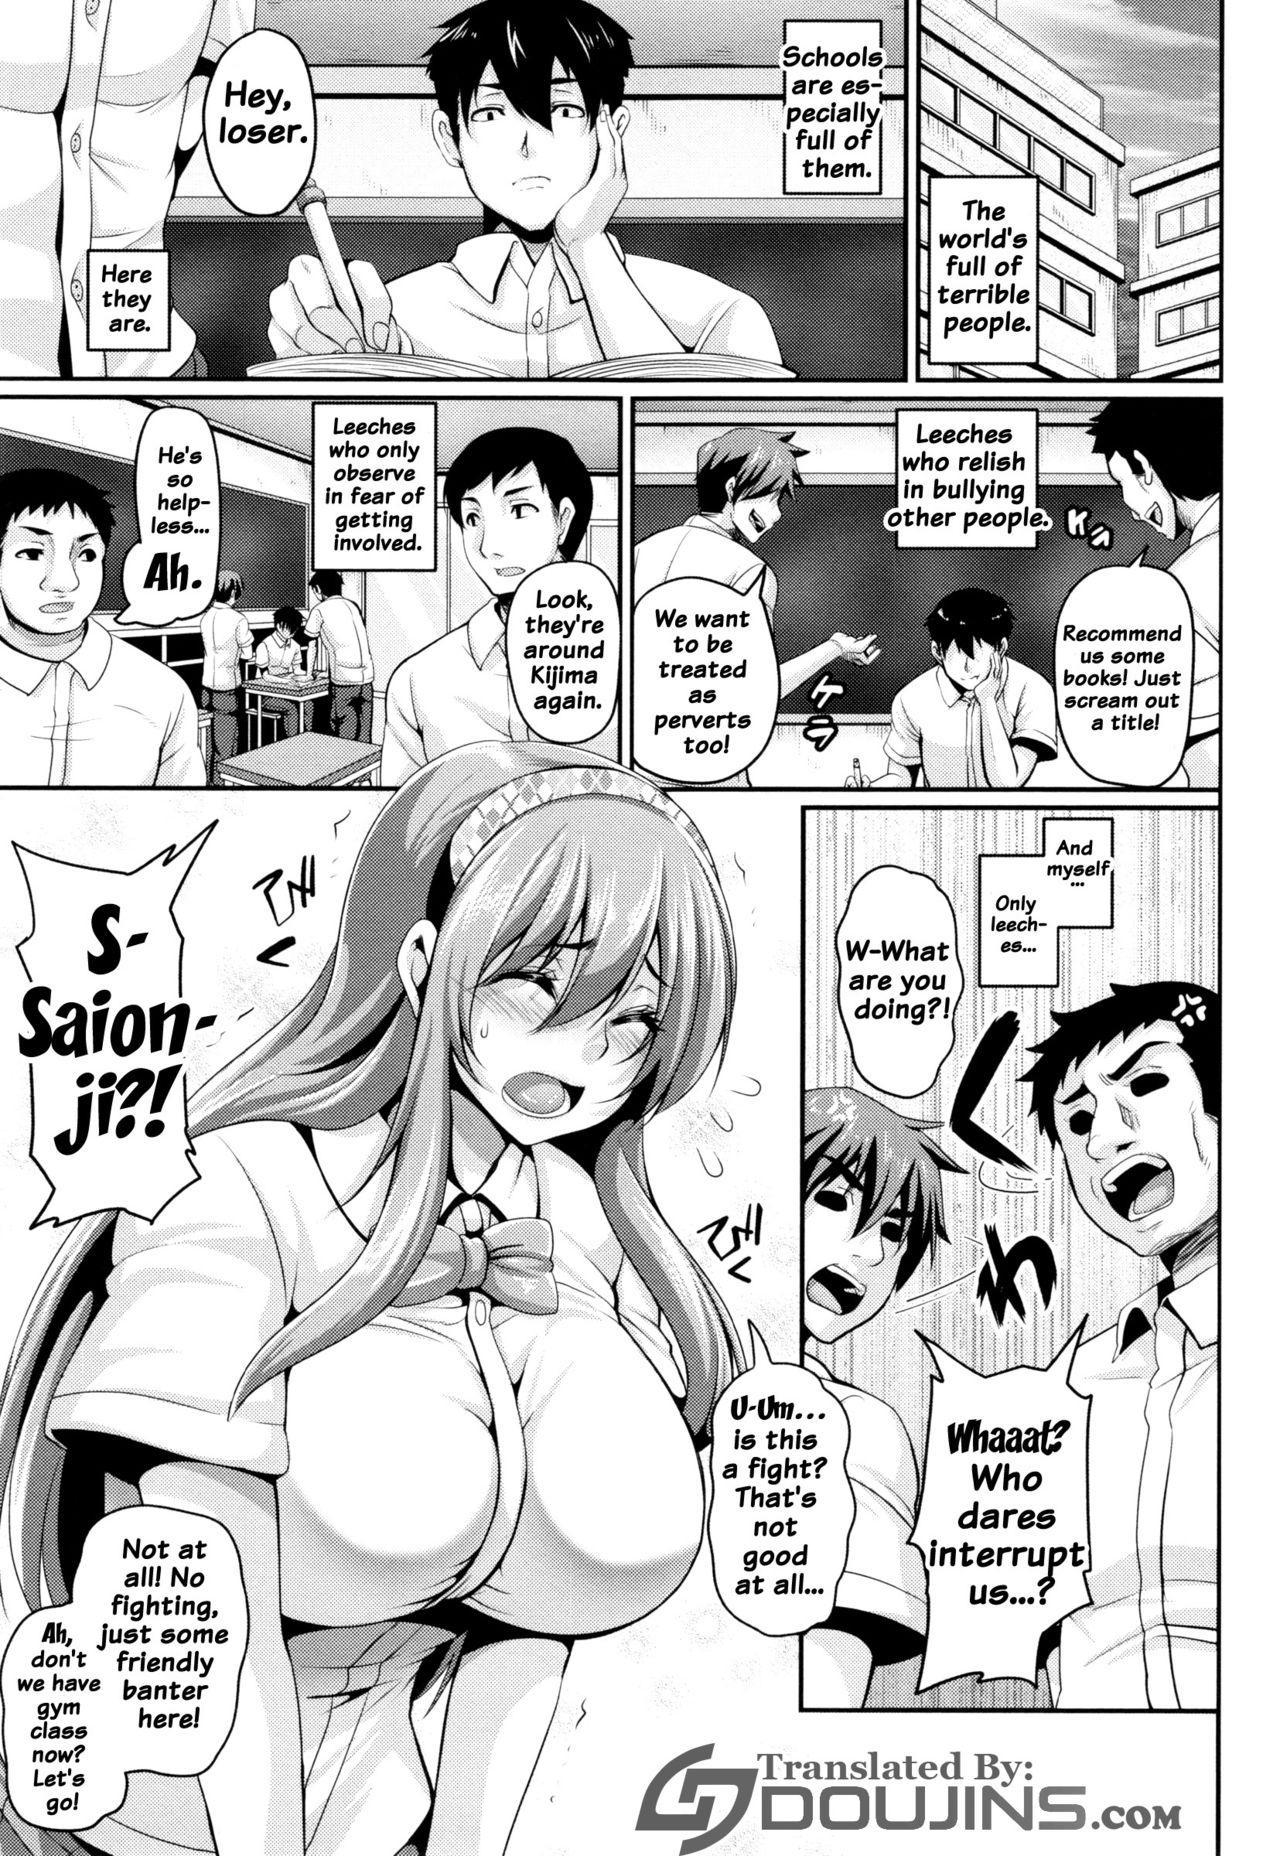 [Kazuhiro] Namaiki Haramasex Ch 1-3, 7-8 [English] {doujins.com} 25